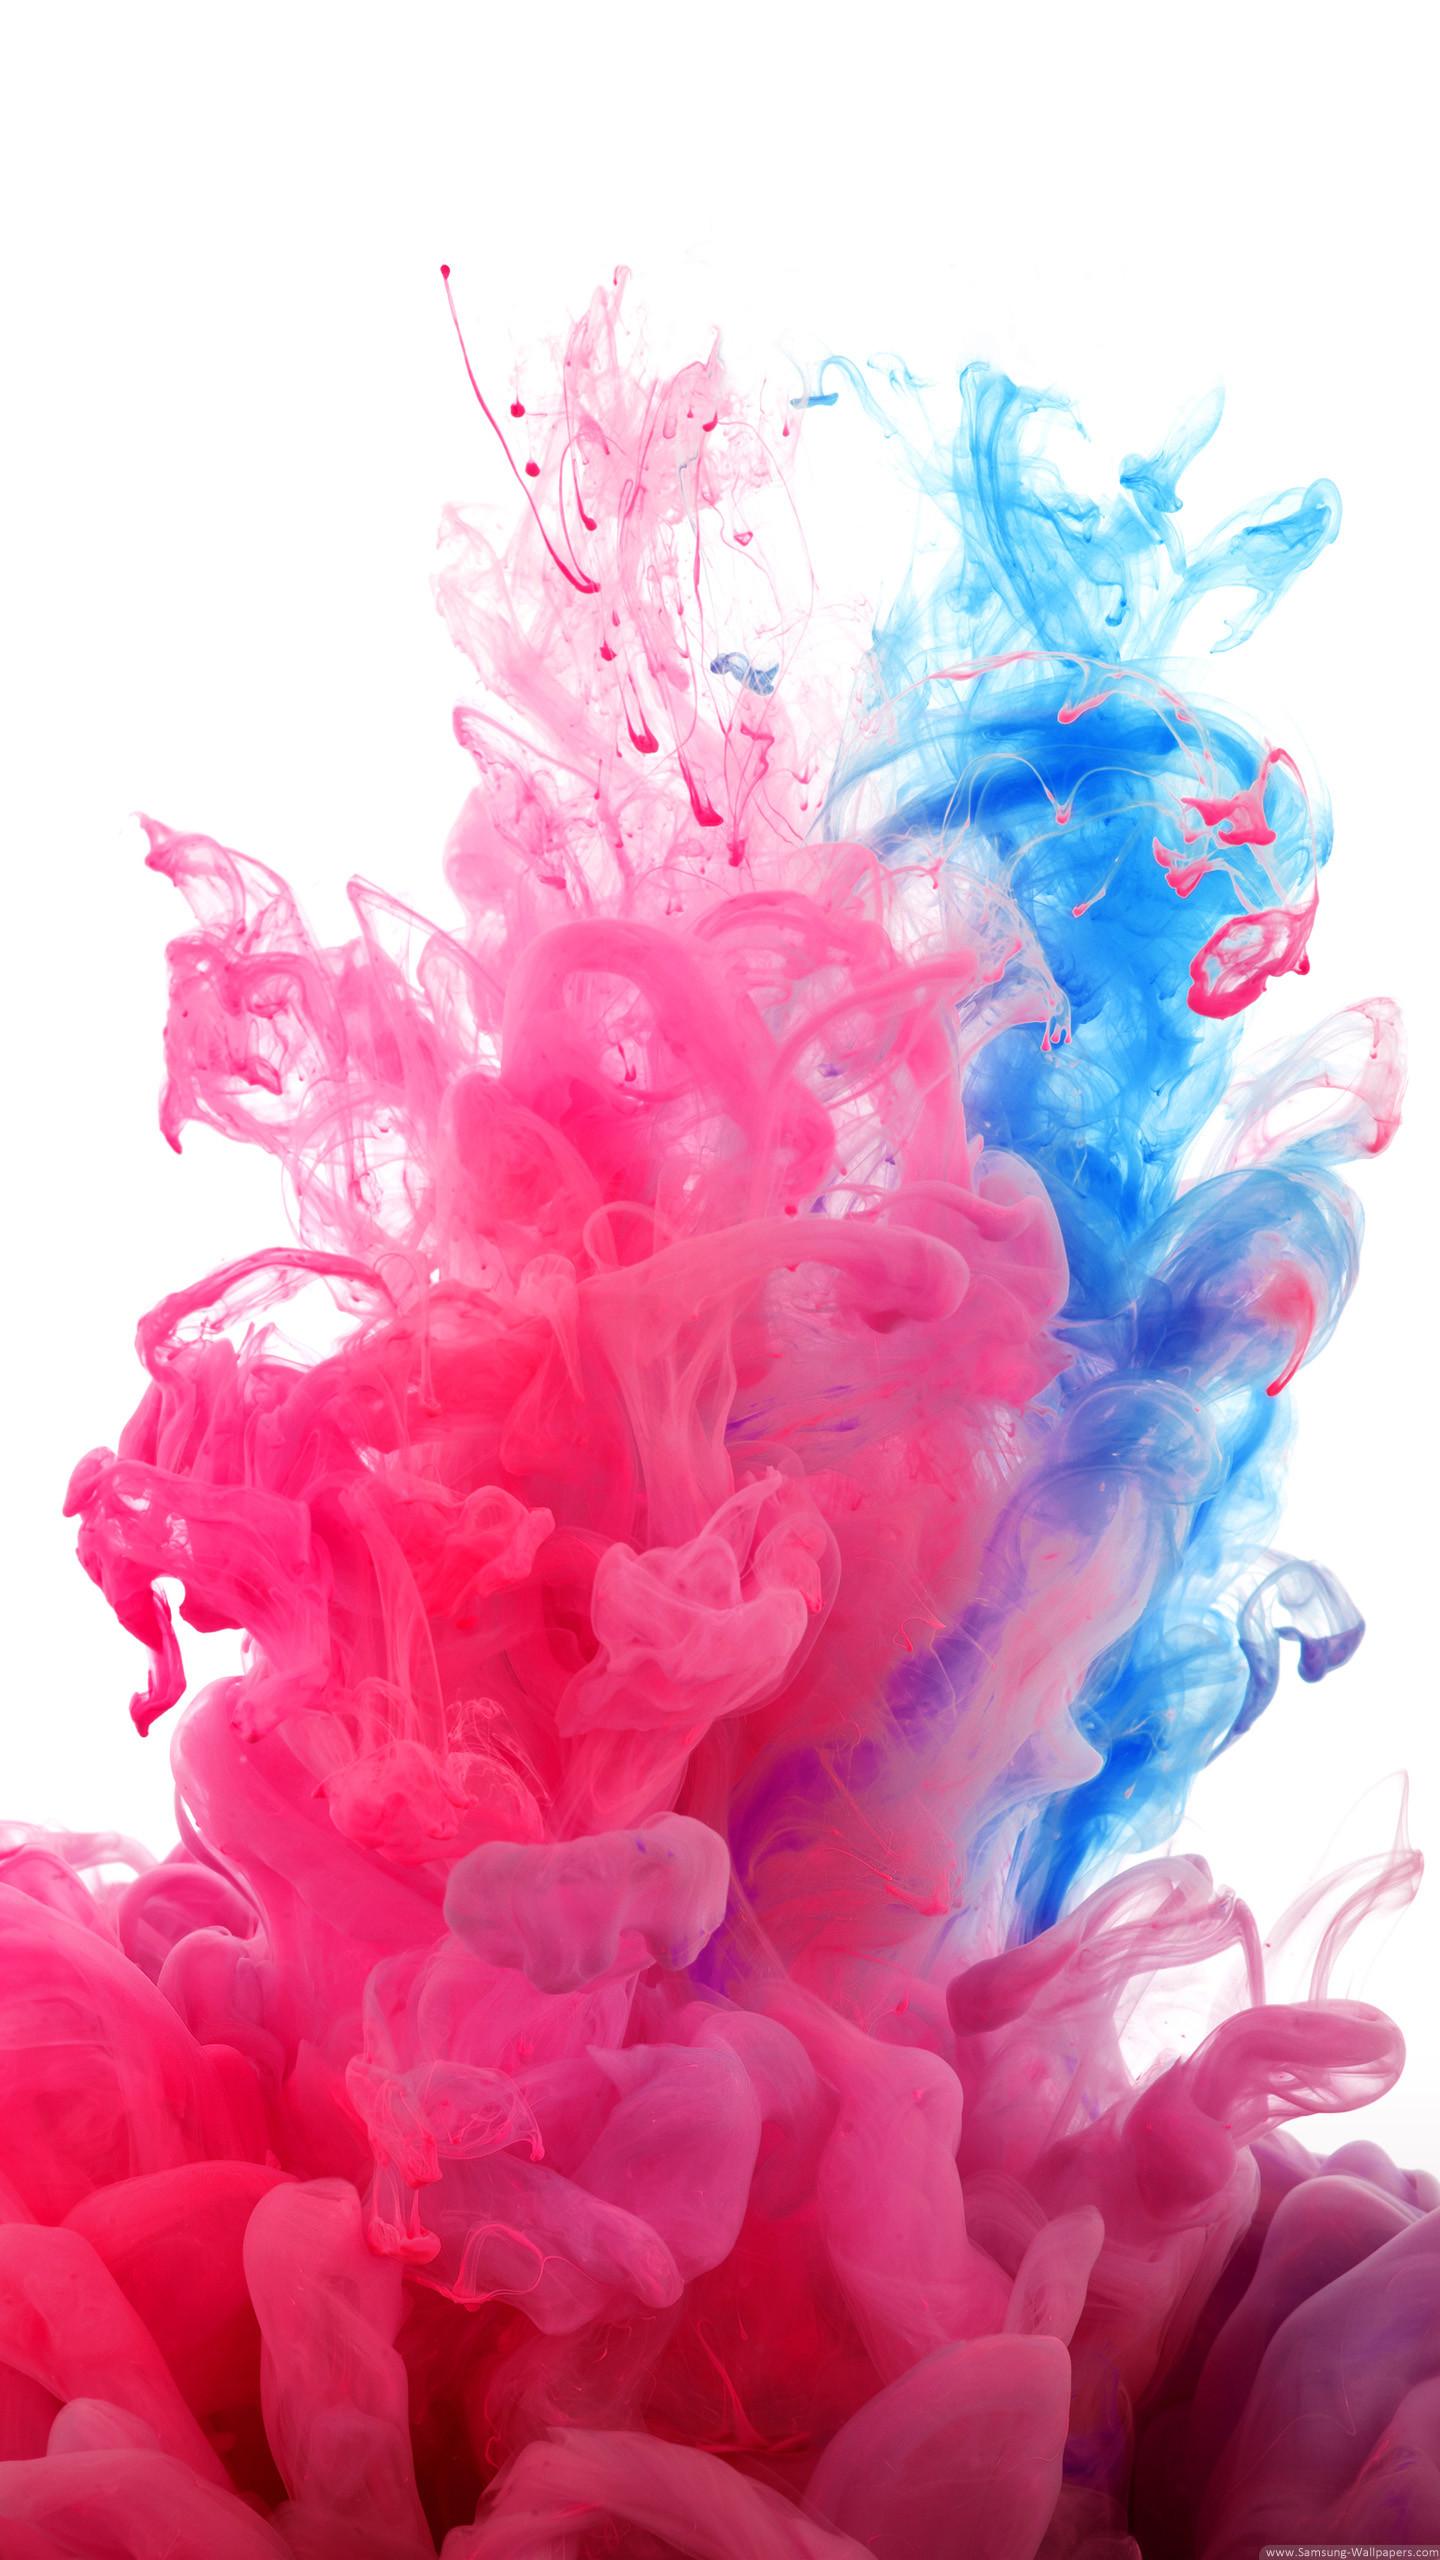 Colored …